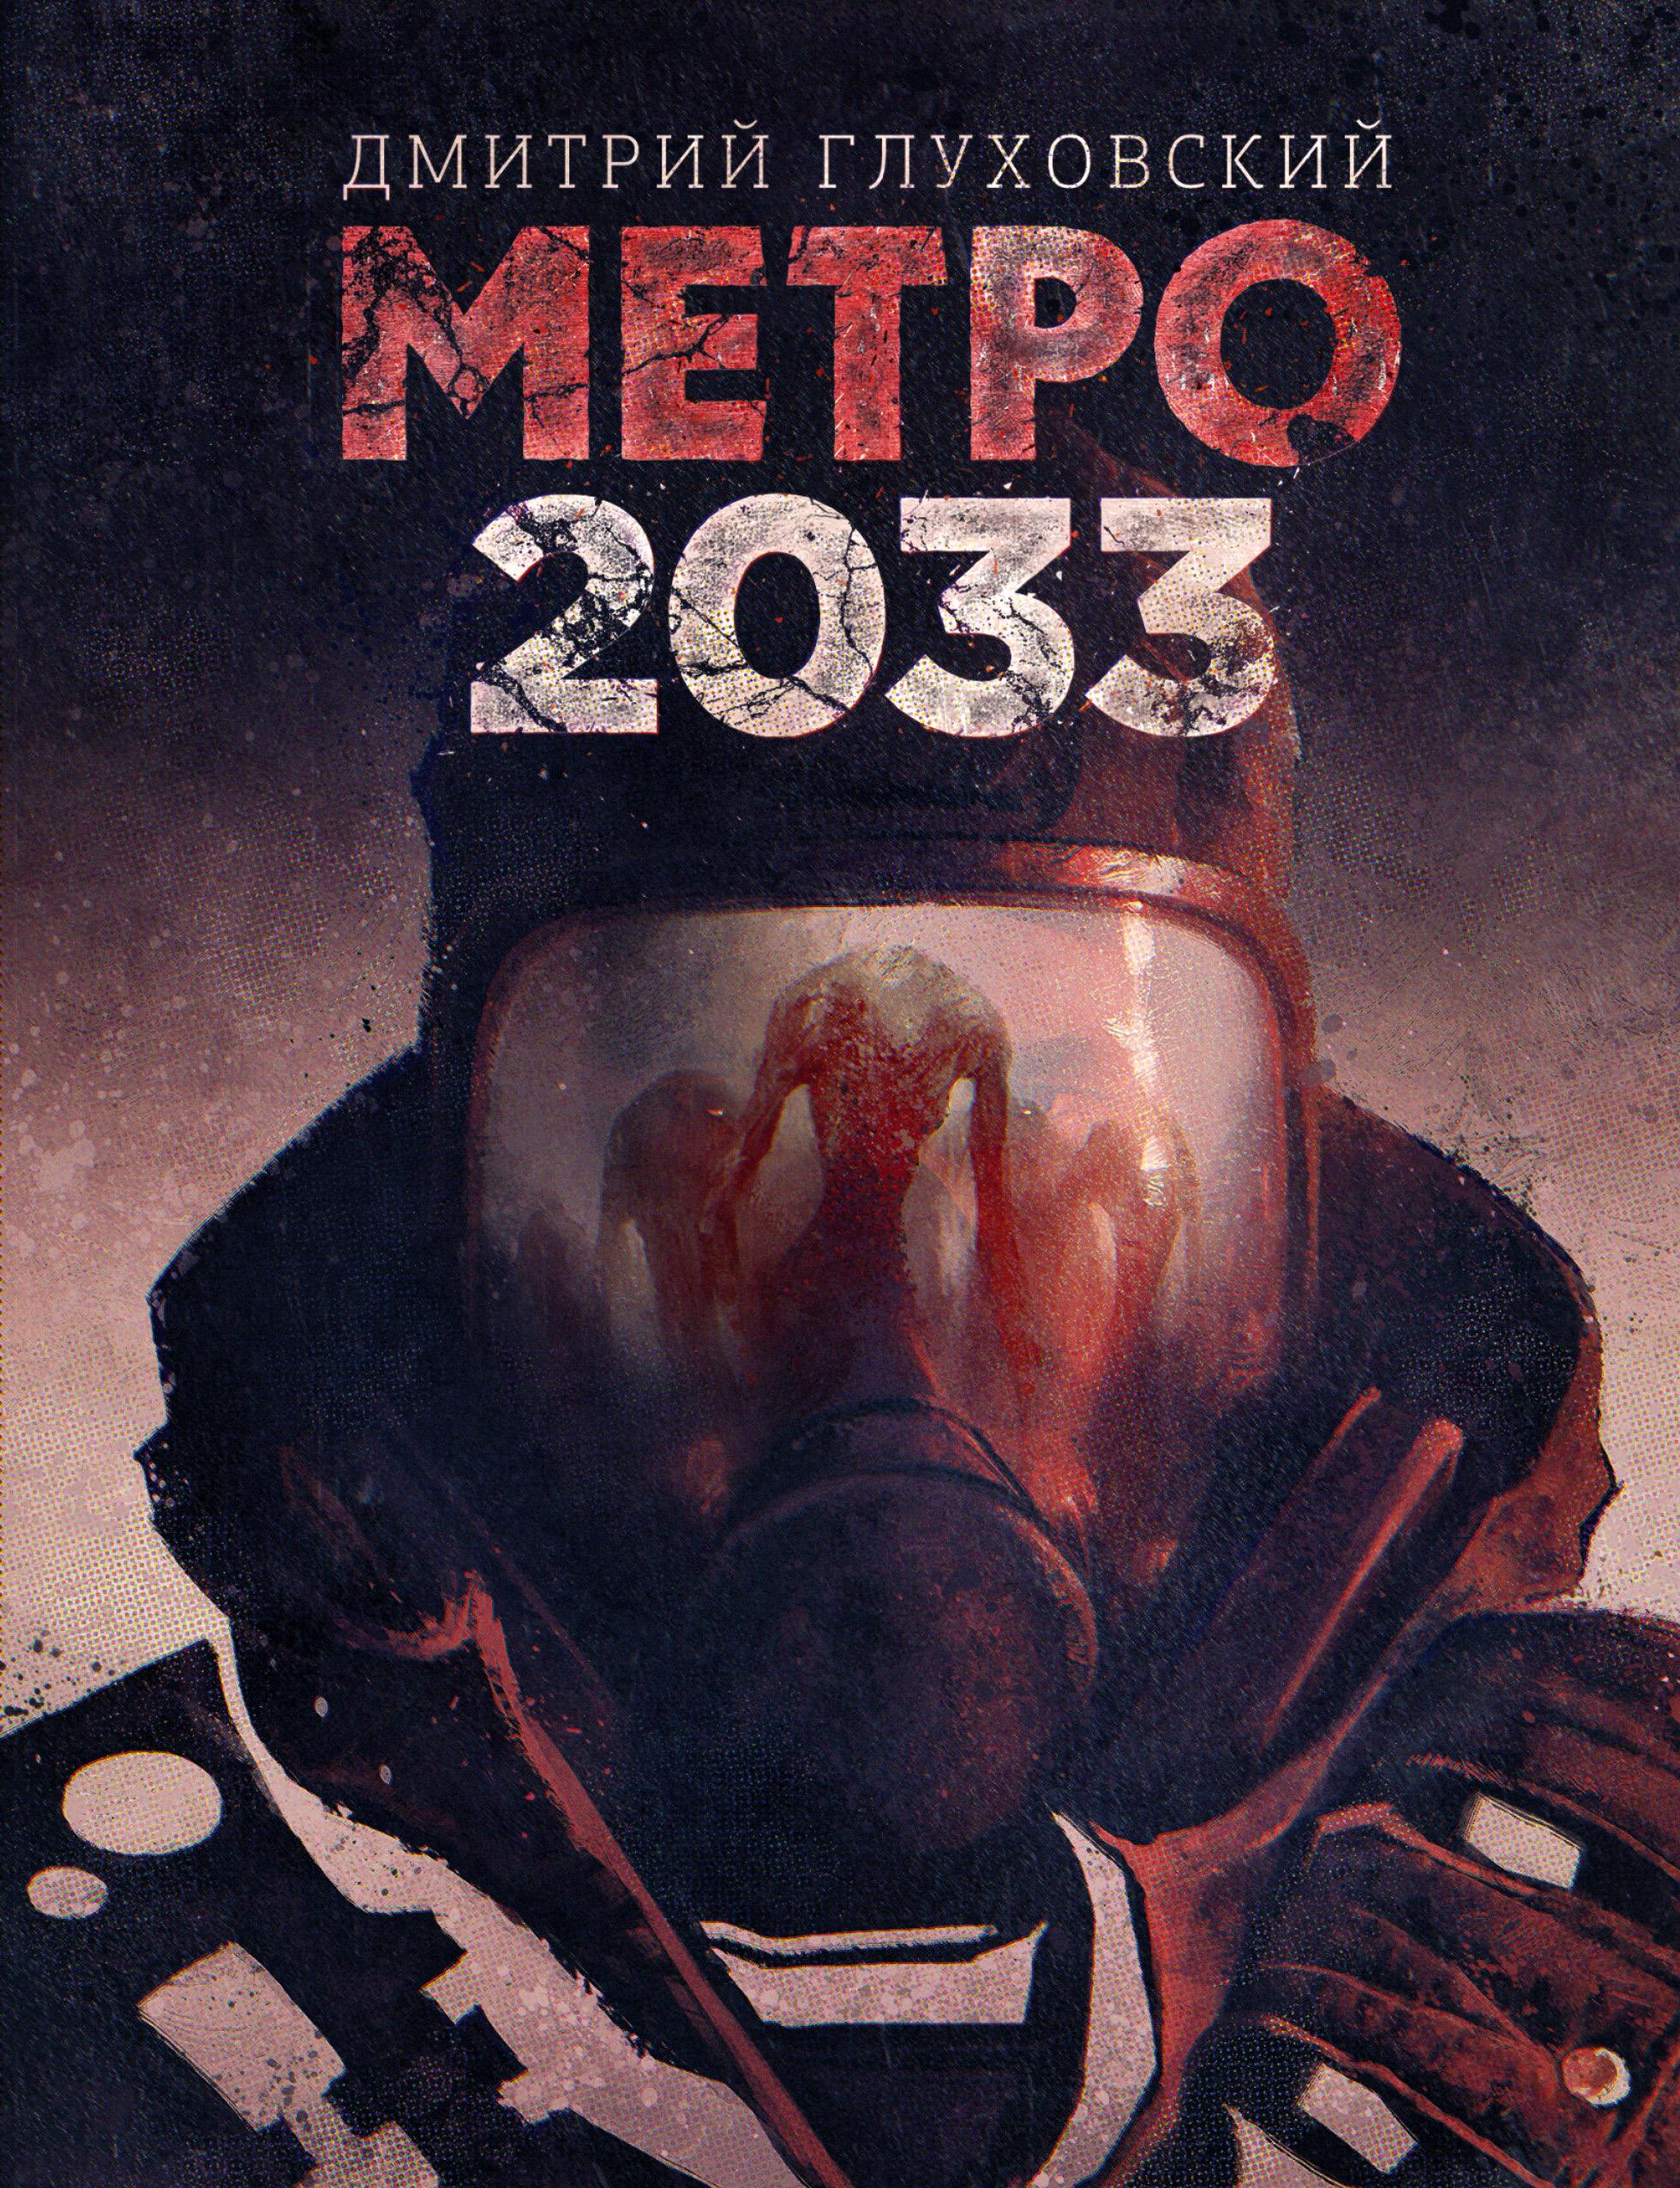 Метро 2033 ( Дмитрий Глуховский  )